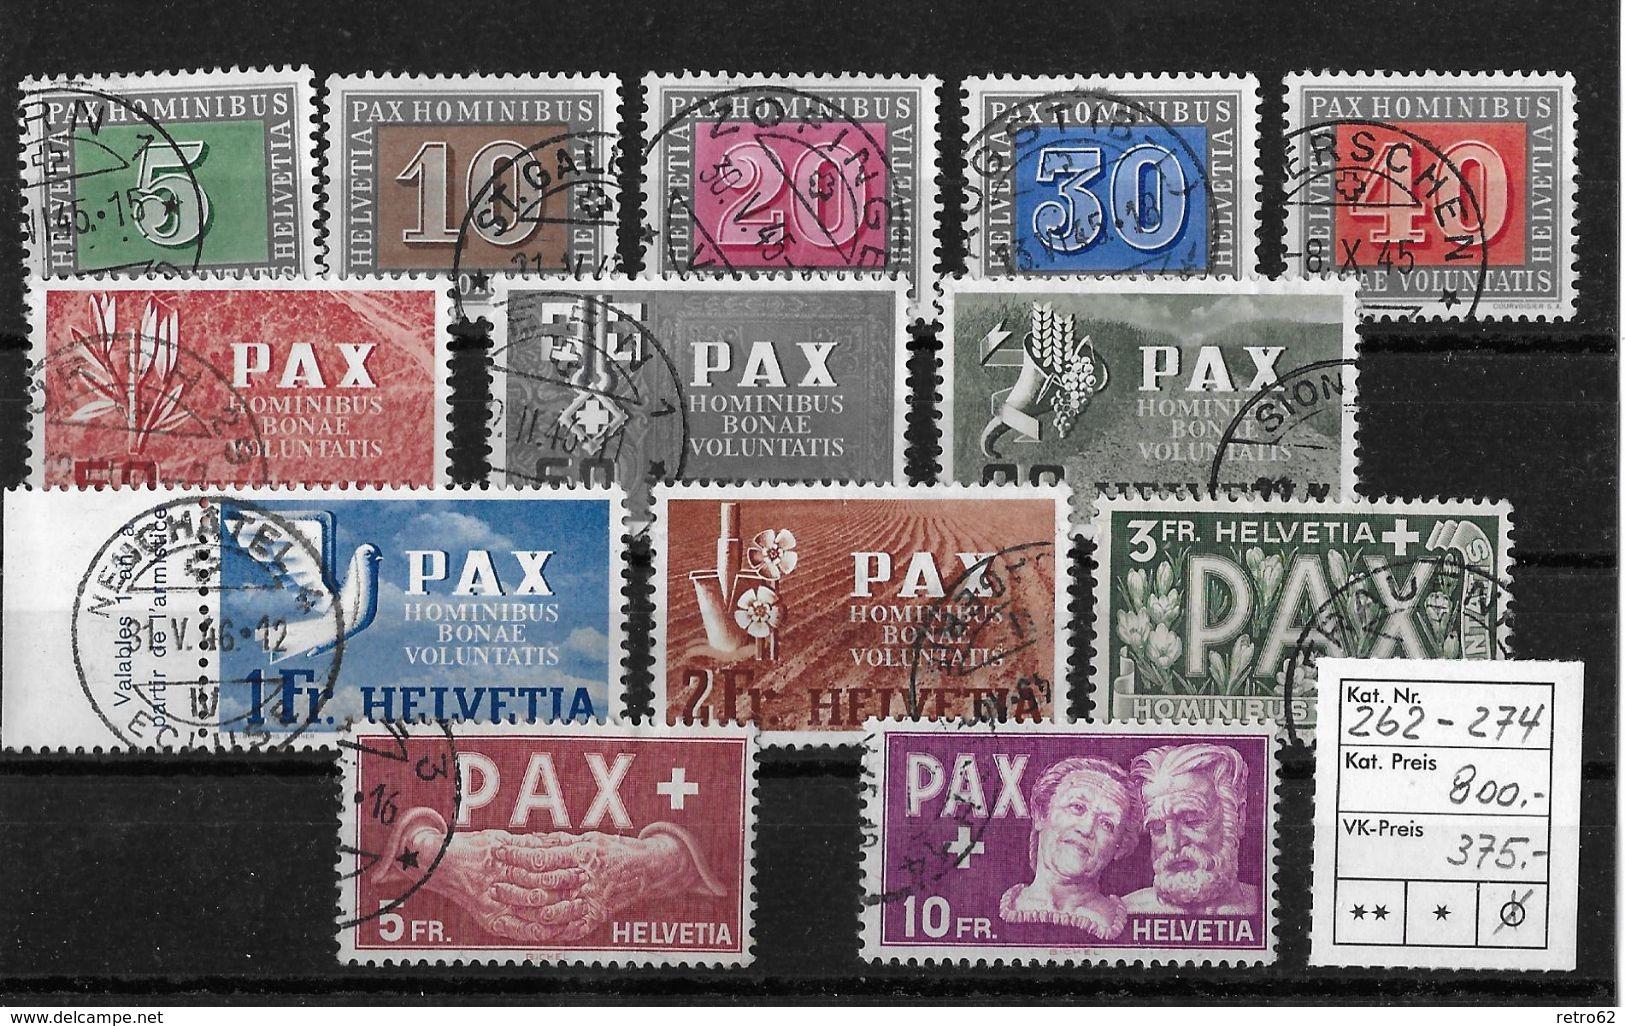 1945 GEDENKAUSGABE ZUM WAFFENSTILLSTAND (PAX) → Kompl. Satz  ►SBK-262-274◄ - Suisse